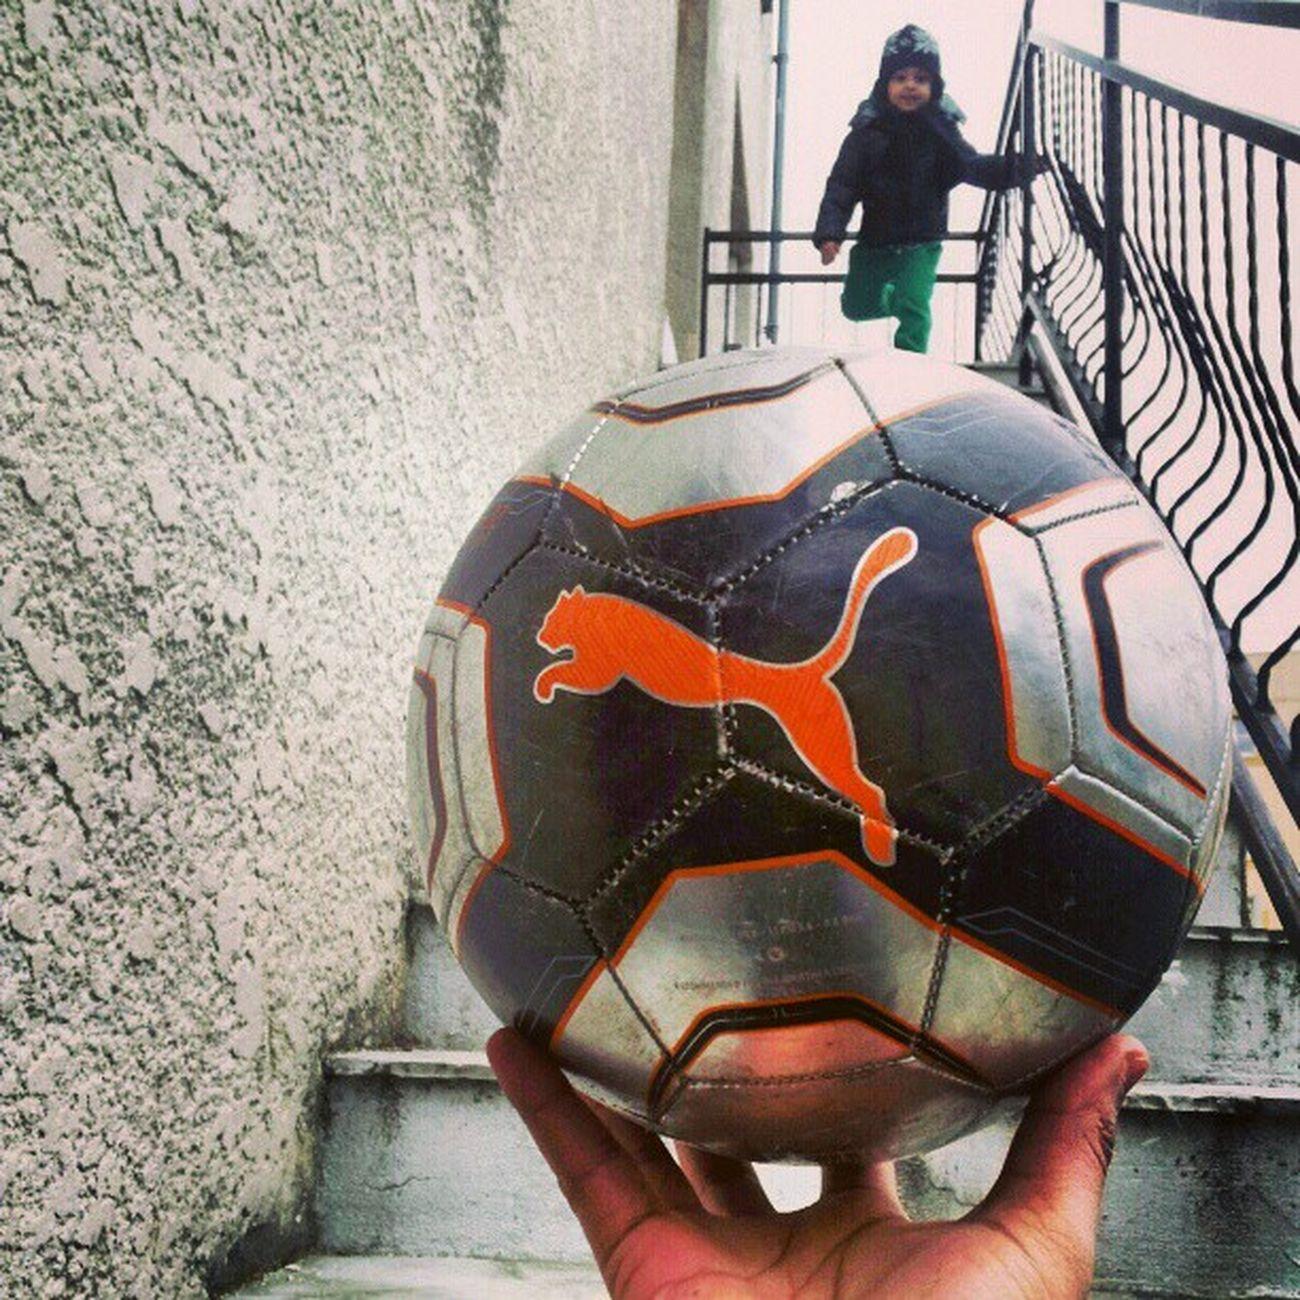 En mode Football Instantané Creation Delire ballon puma shoot paris banlieue France ''